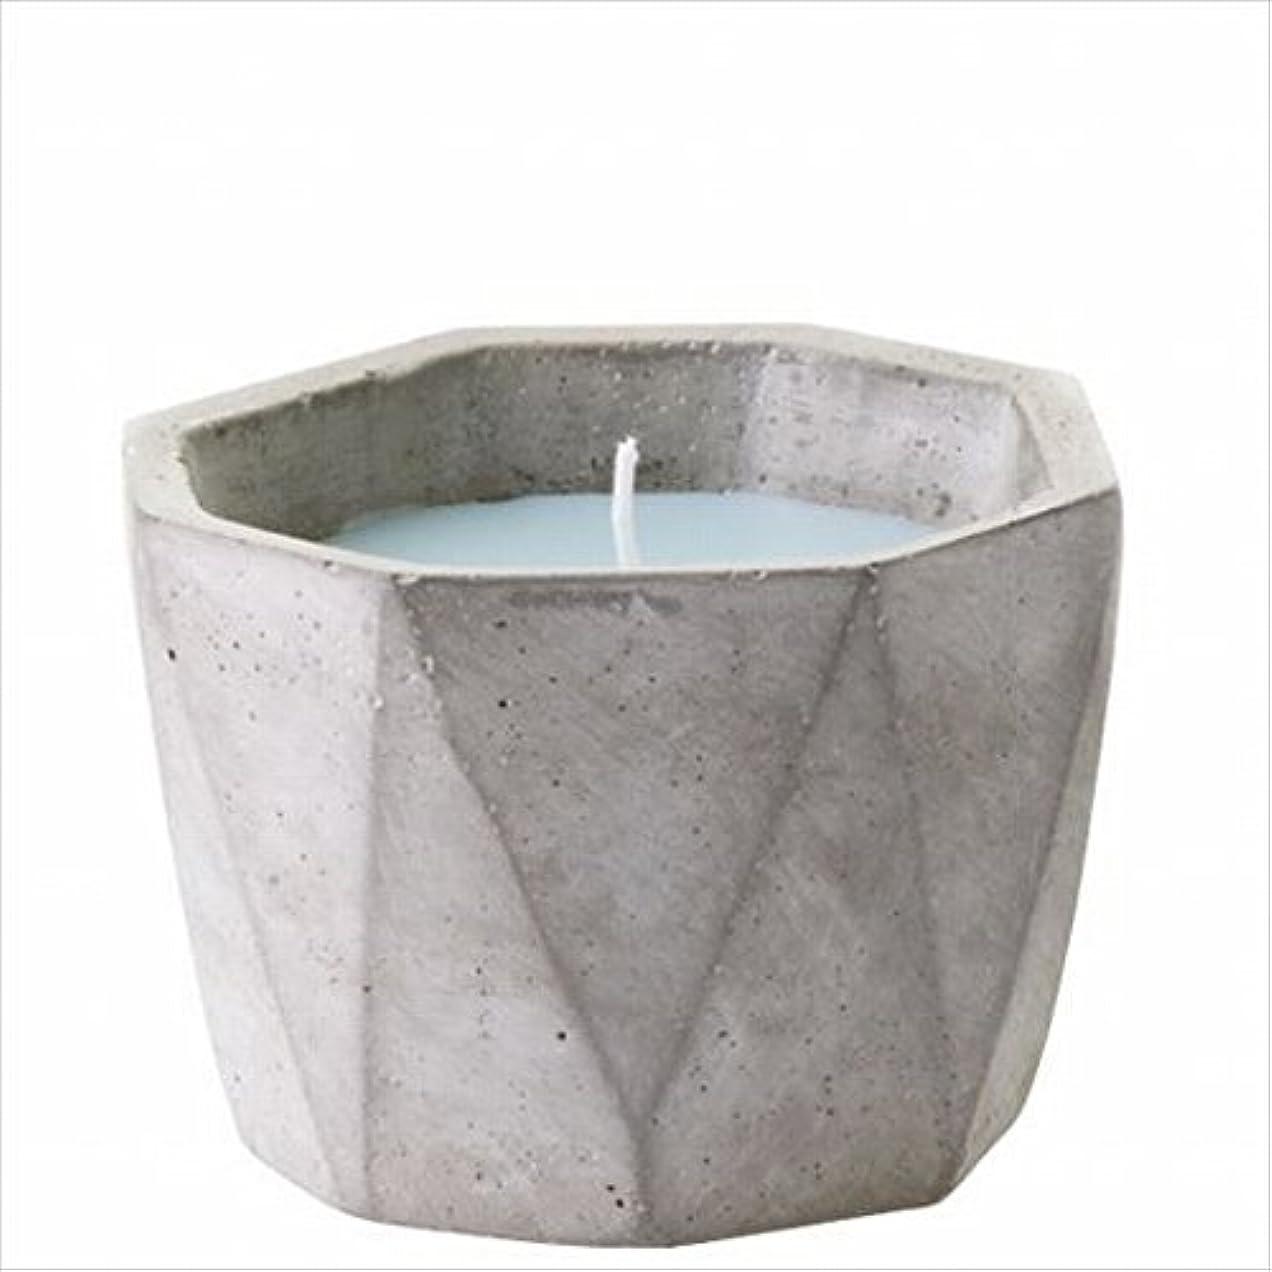 苦しみから行列カメヤマキャンドル(kameyama candle) POiNT A LA LiGNE セメントポットセンティッドキャンドル 「 モックオレンジミント 」